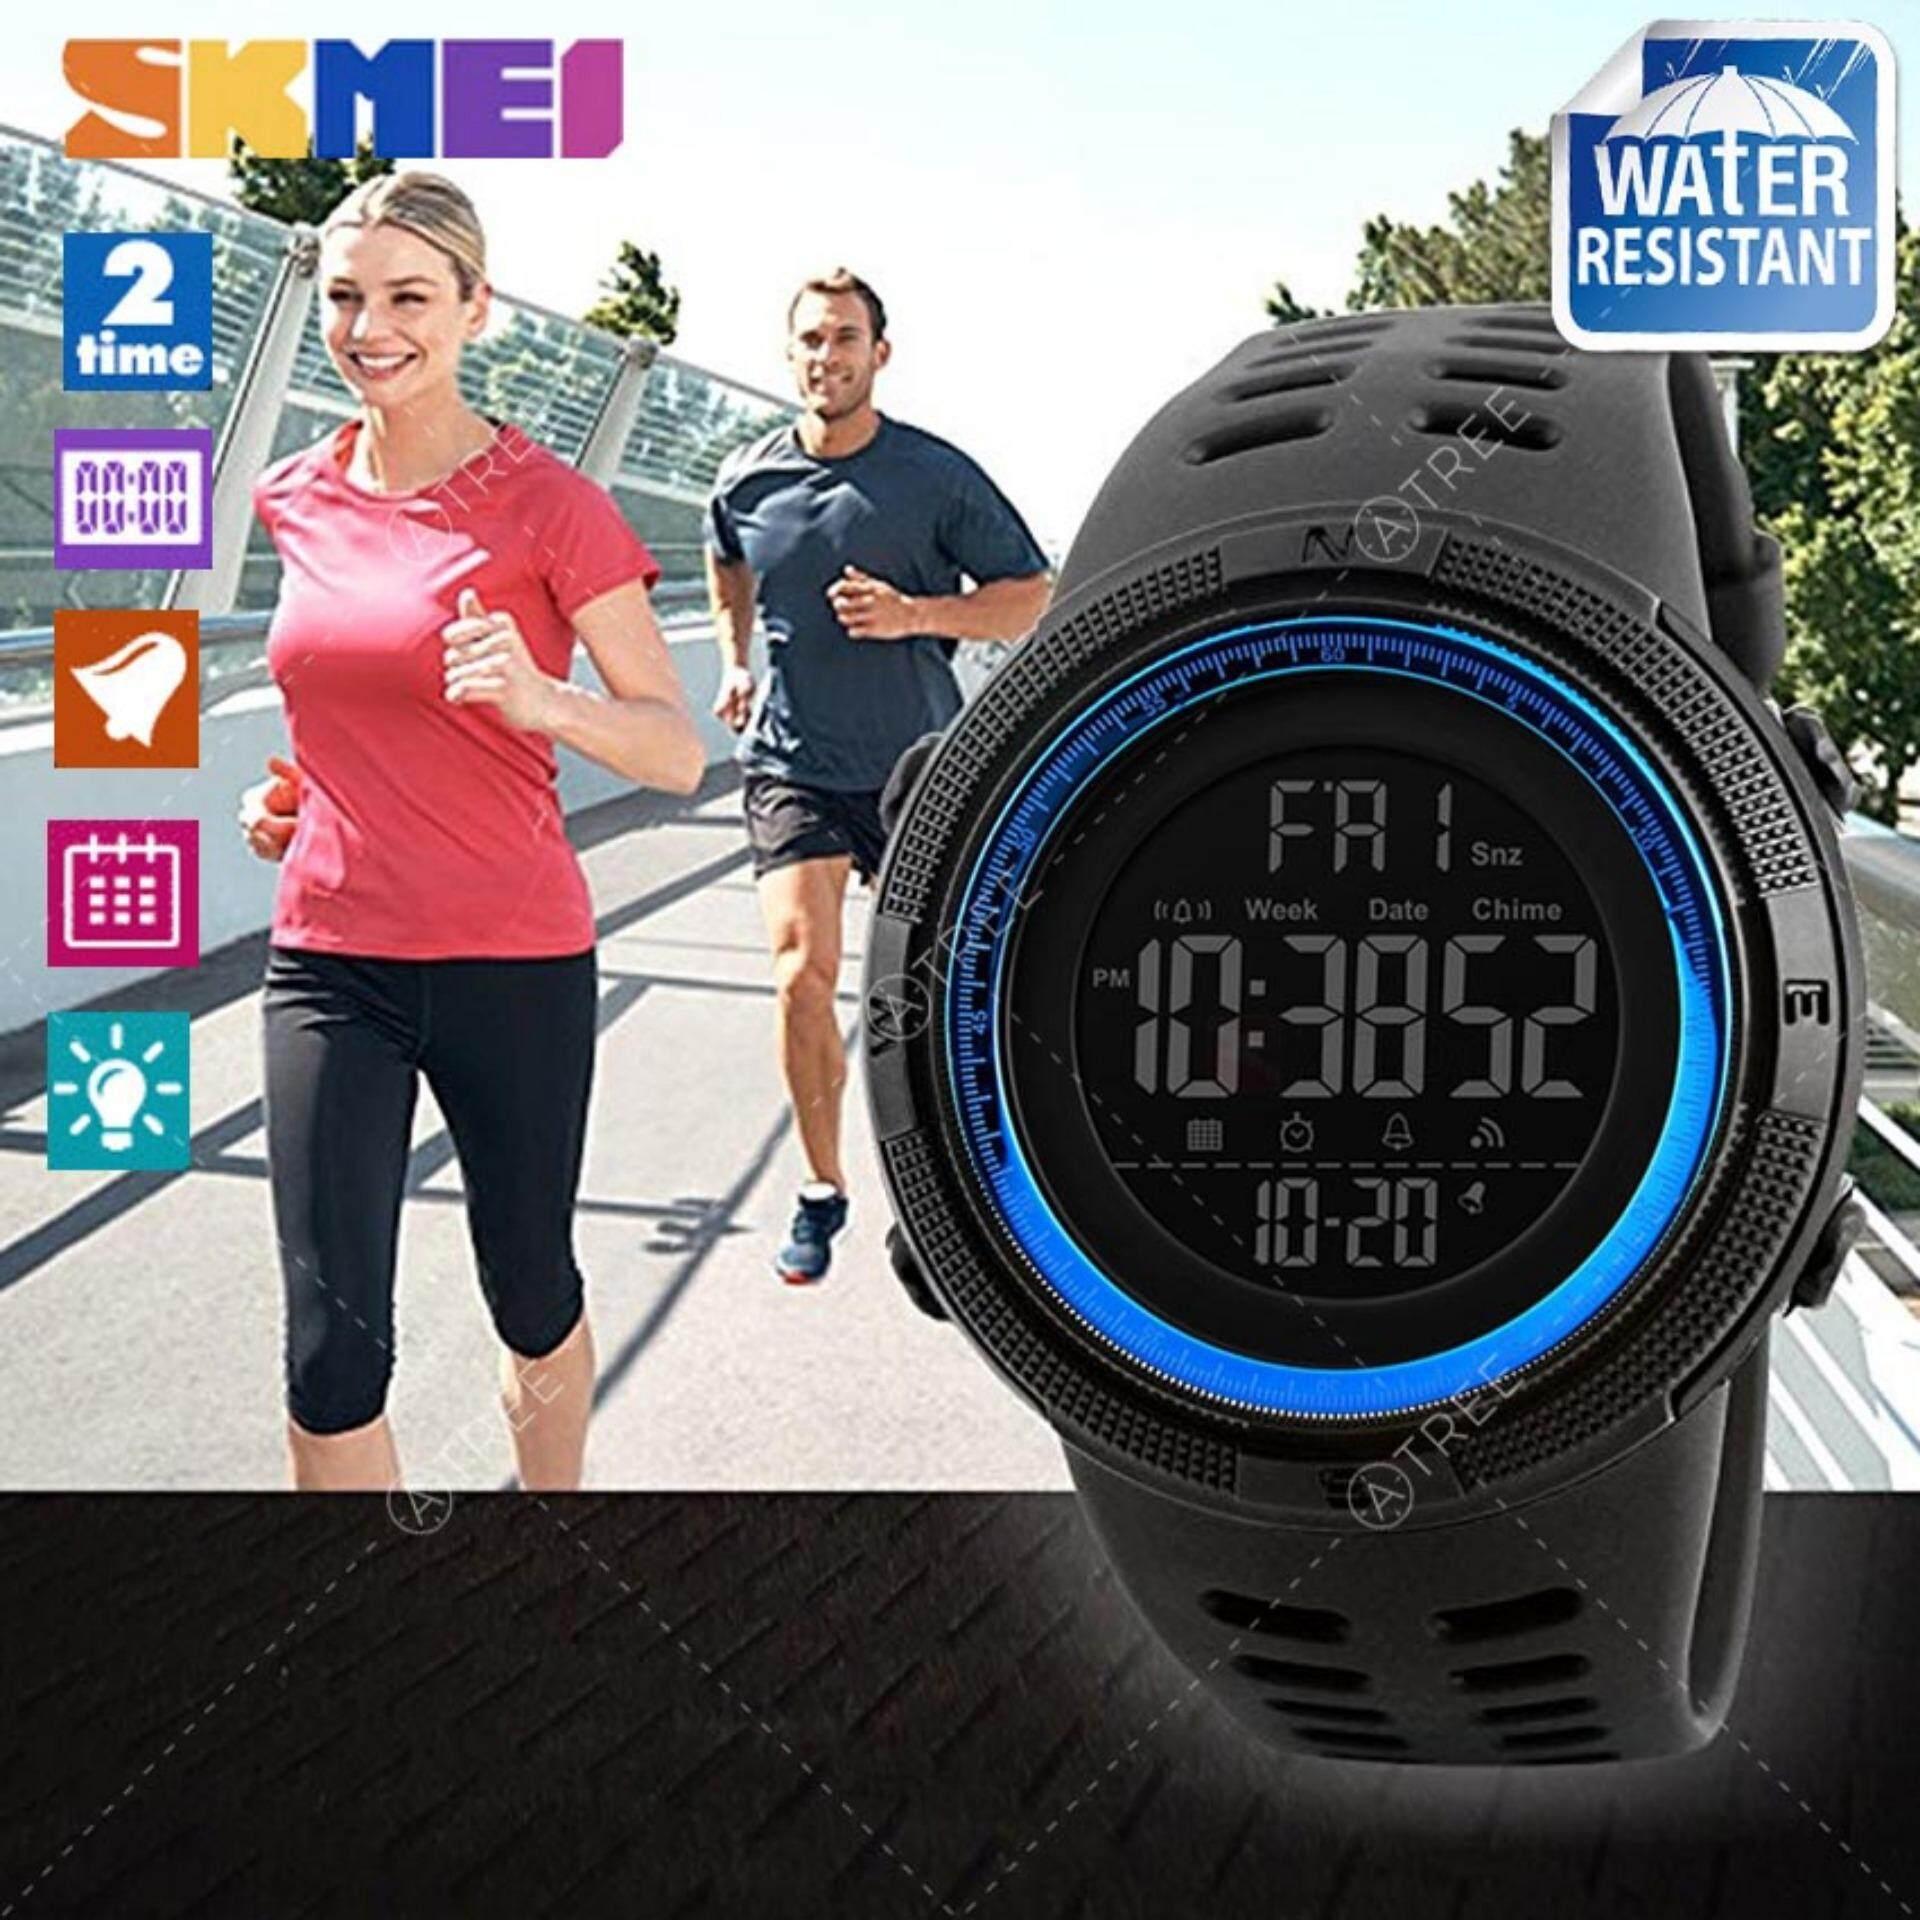 ราคา Skmei ของแท้ 100 ส่งในไทยไวแน่นอน นาฬิกาข้อมือผู้ชาย สไตล์ Sport Digital Watch บอกวันที่ ตั้งปลุก จับเวลา ตัวเลข ไฟ El ใหญ่ ชัดเจน กันน้ำ สายเรซิ่นสีดำ รุ่น Sk M1251 สีดำ Black ราคาถูกที่สุด